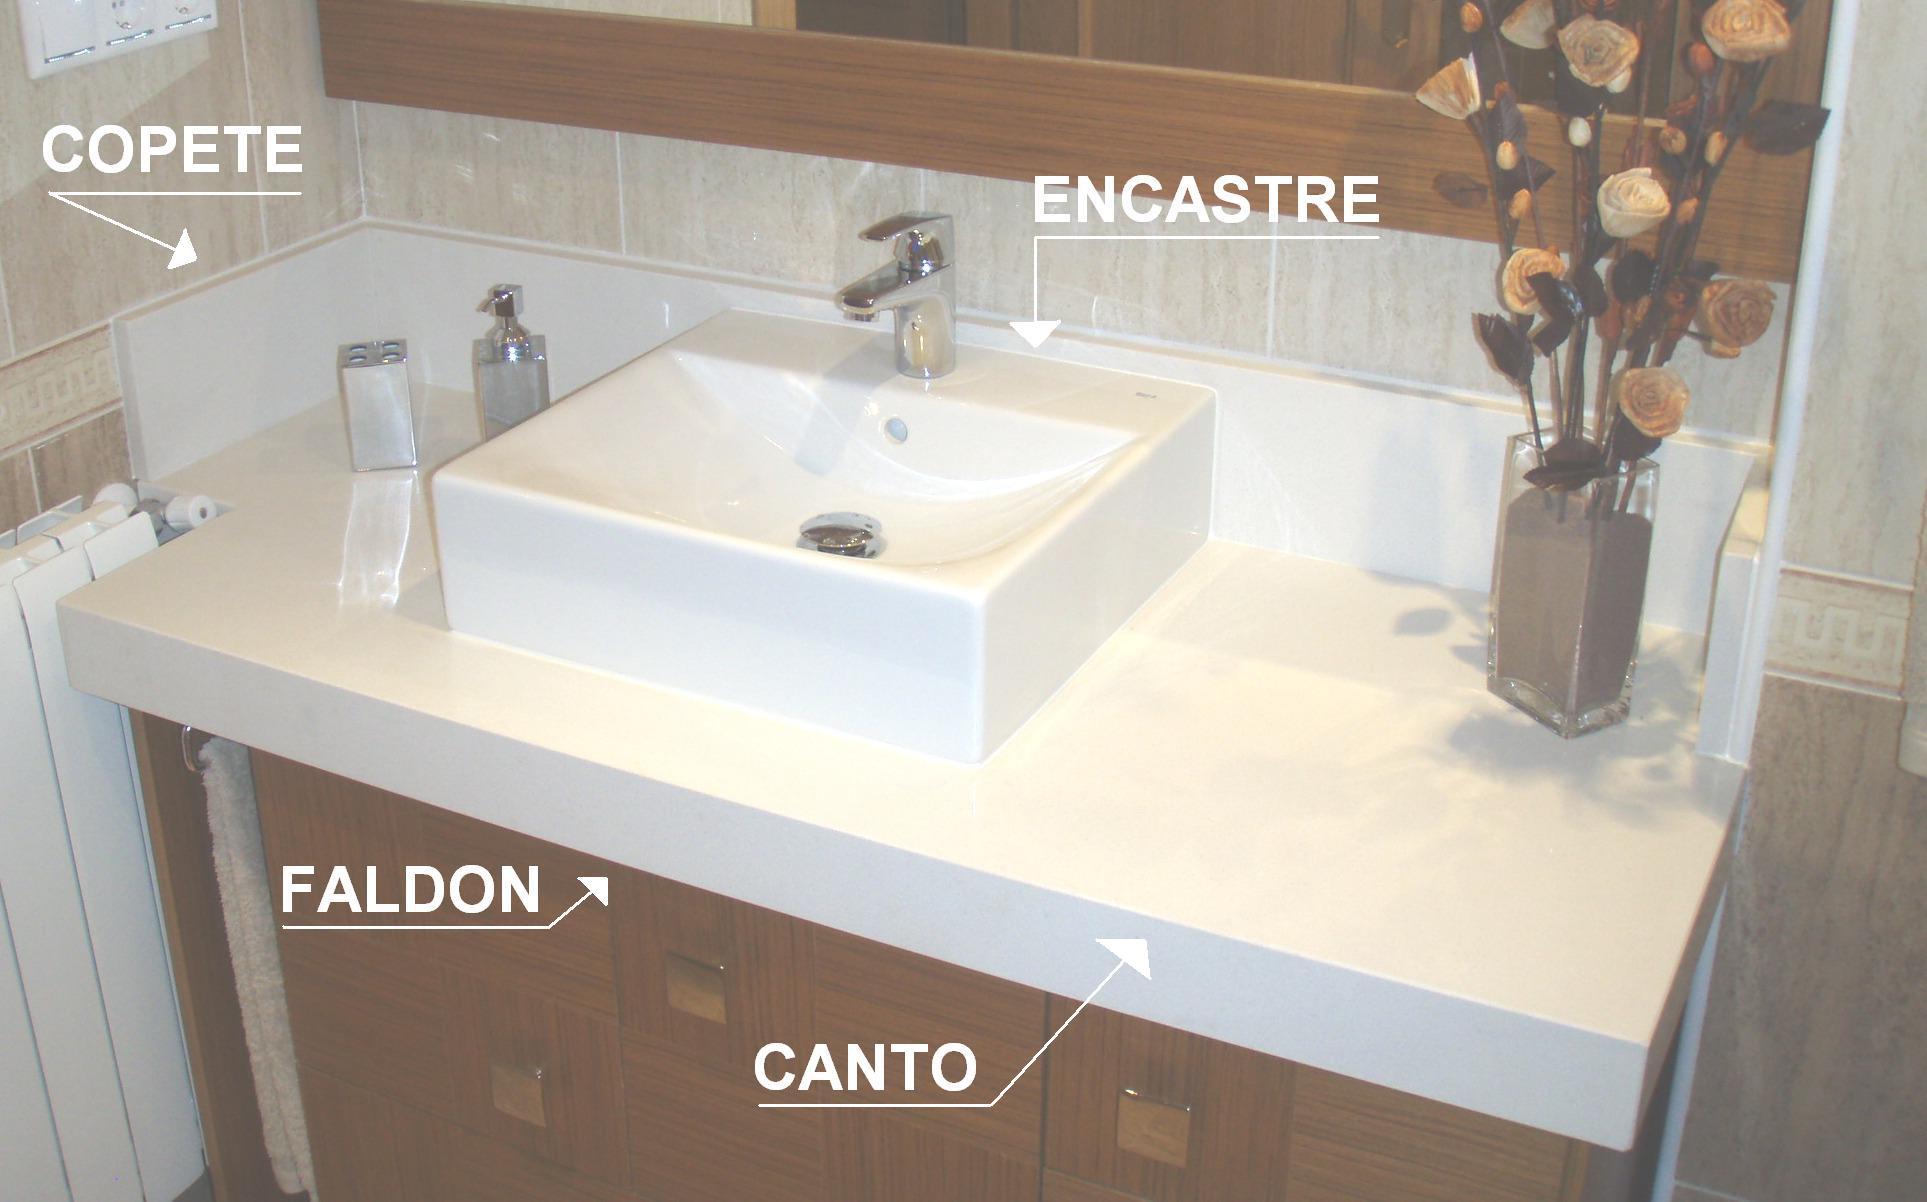 Marmolistas alicante encimeras de ba o silestone granito for Encimera de marmol precio